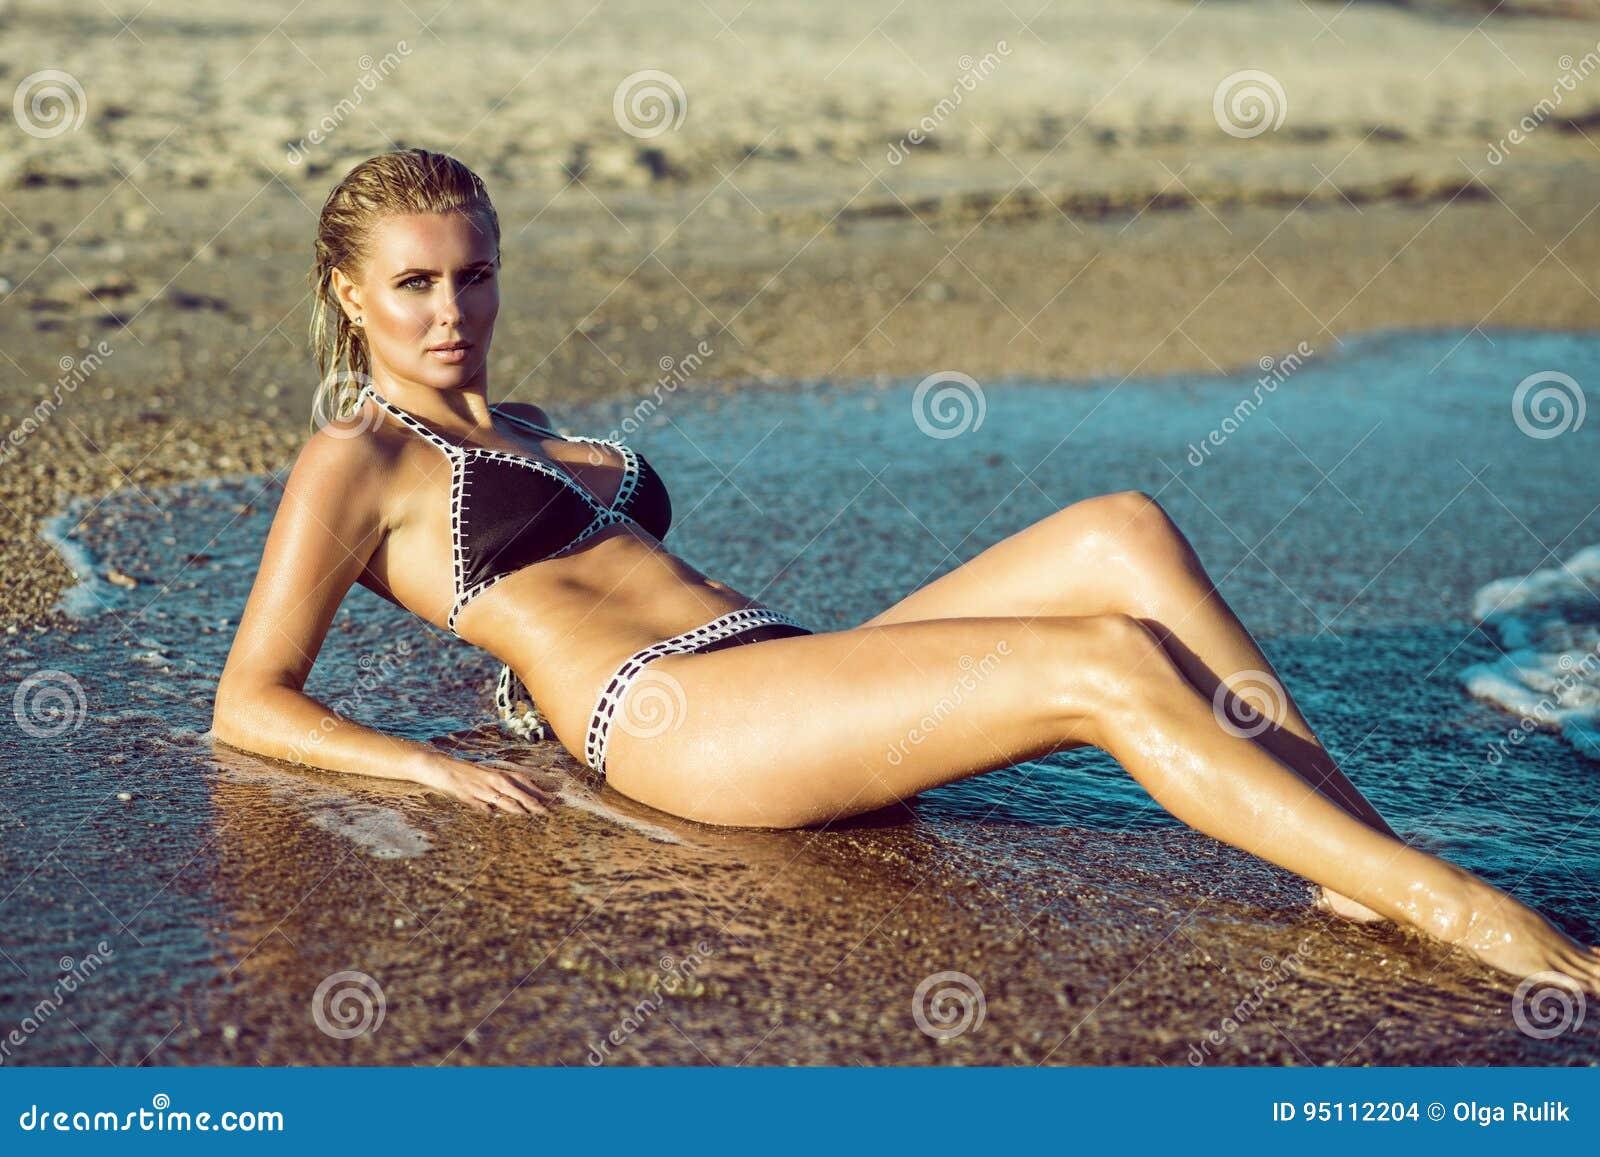 Όμορφος glam η ξανθή γυναίκα με το υγρό δέρμα και η τρίχα που βρίσκεται στην παραλία και που απολαμβάνει, τα μακριά πόδια της που